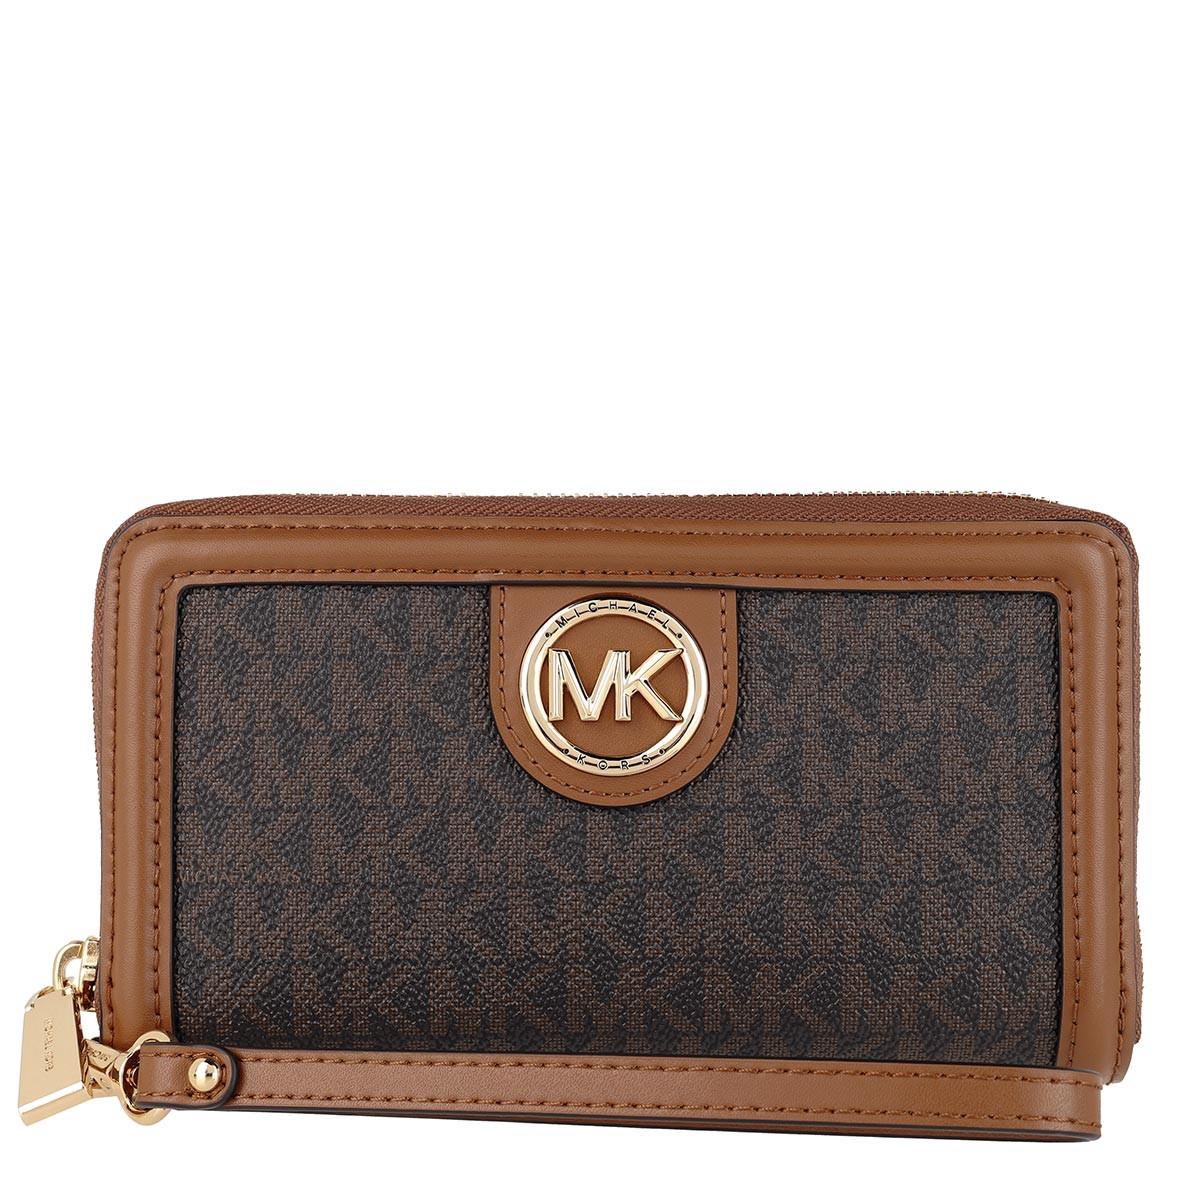 Michael Kors Portemonnaie - Large Flat Phone Case Brown/Acorn - in braun - für Damen